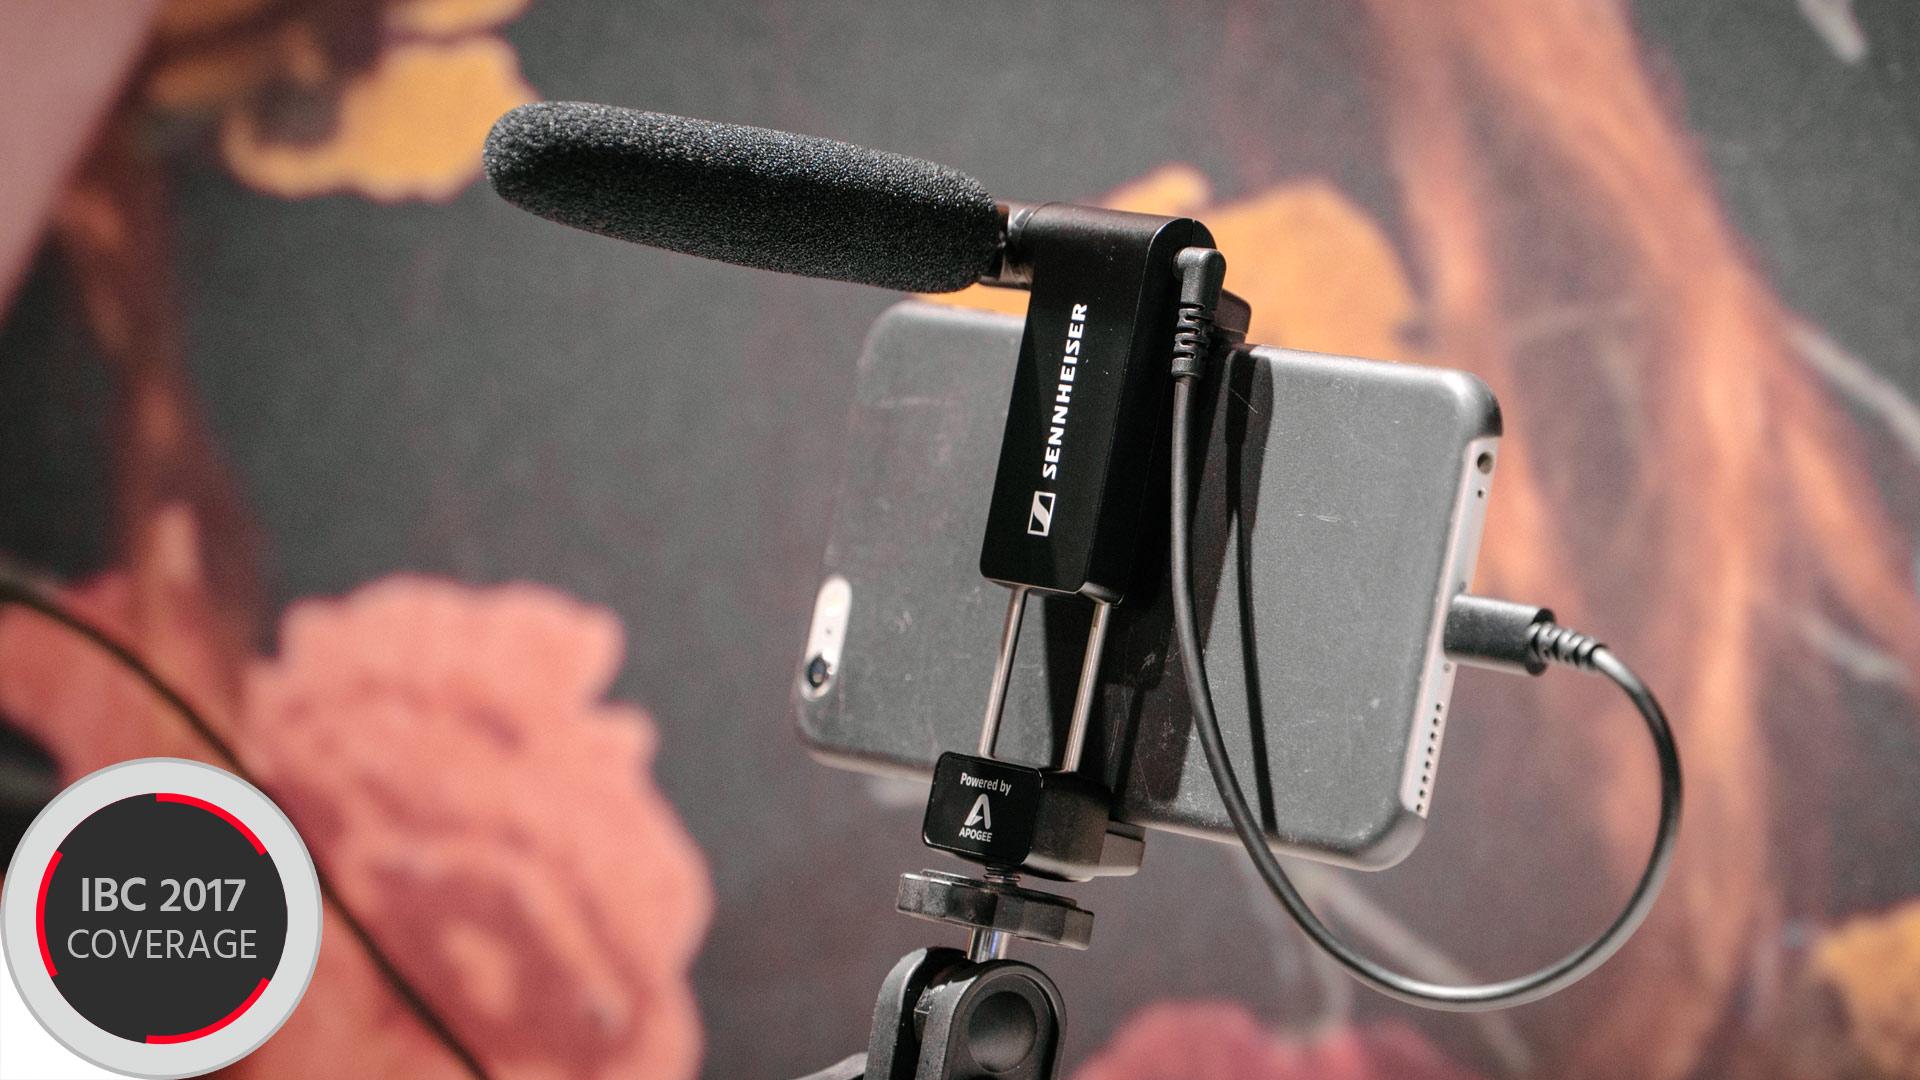 ゼンハイザーがFOCUSMIC Digitalを発表 - iPhone用指向性外部マイク